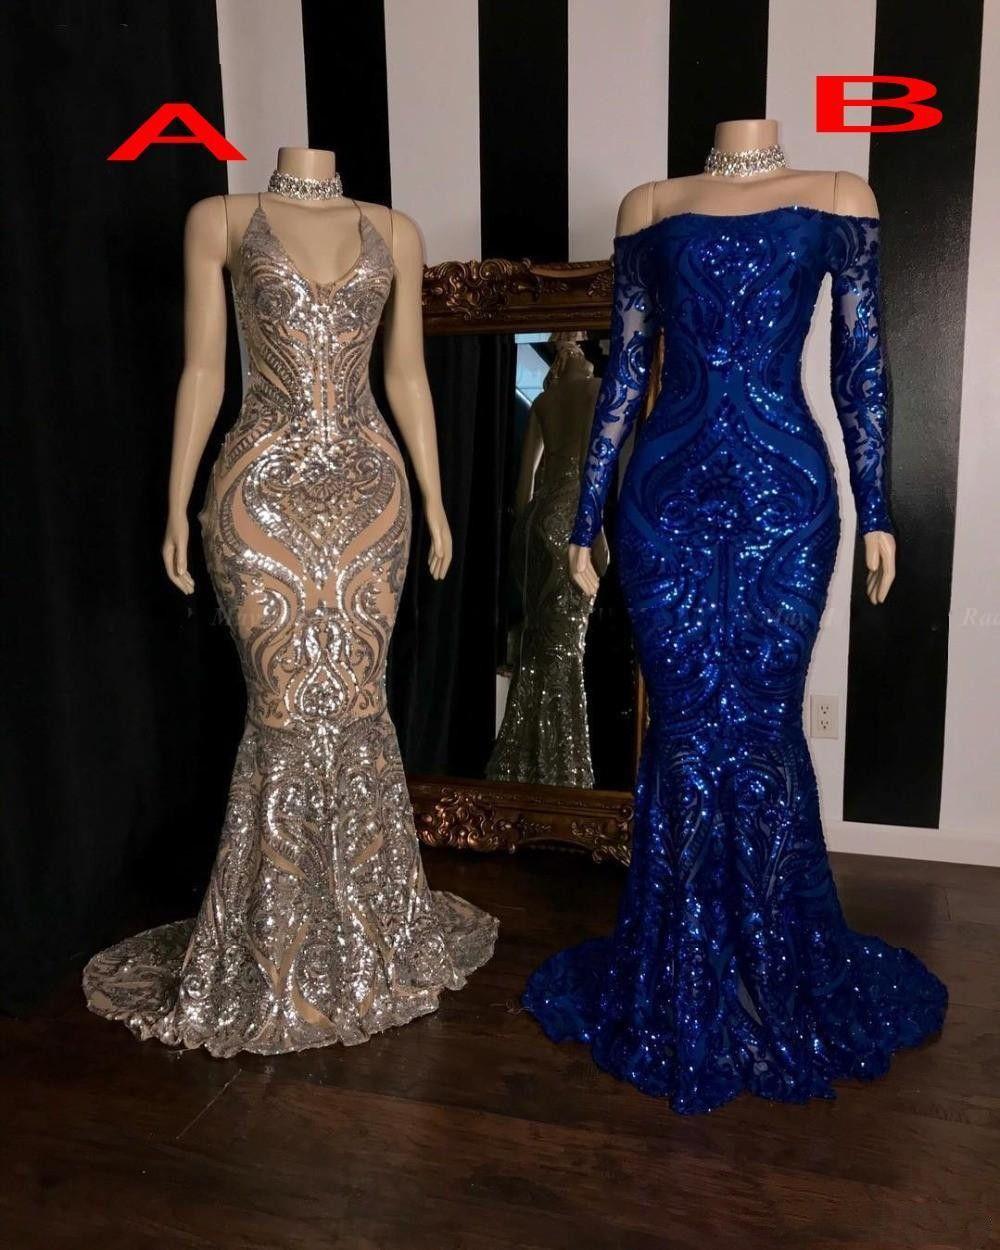 2020 lentejuelas brillantes sirena vestidos de baile de manga larga azul real Tamaño formal graduación del vestido del más vestidos de noche